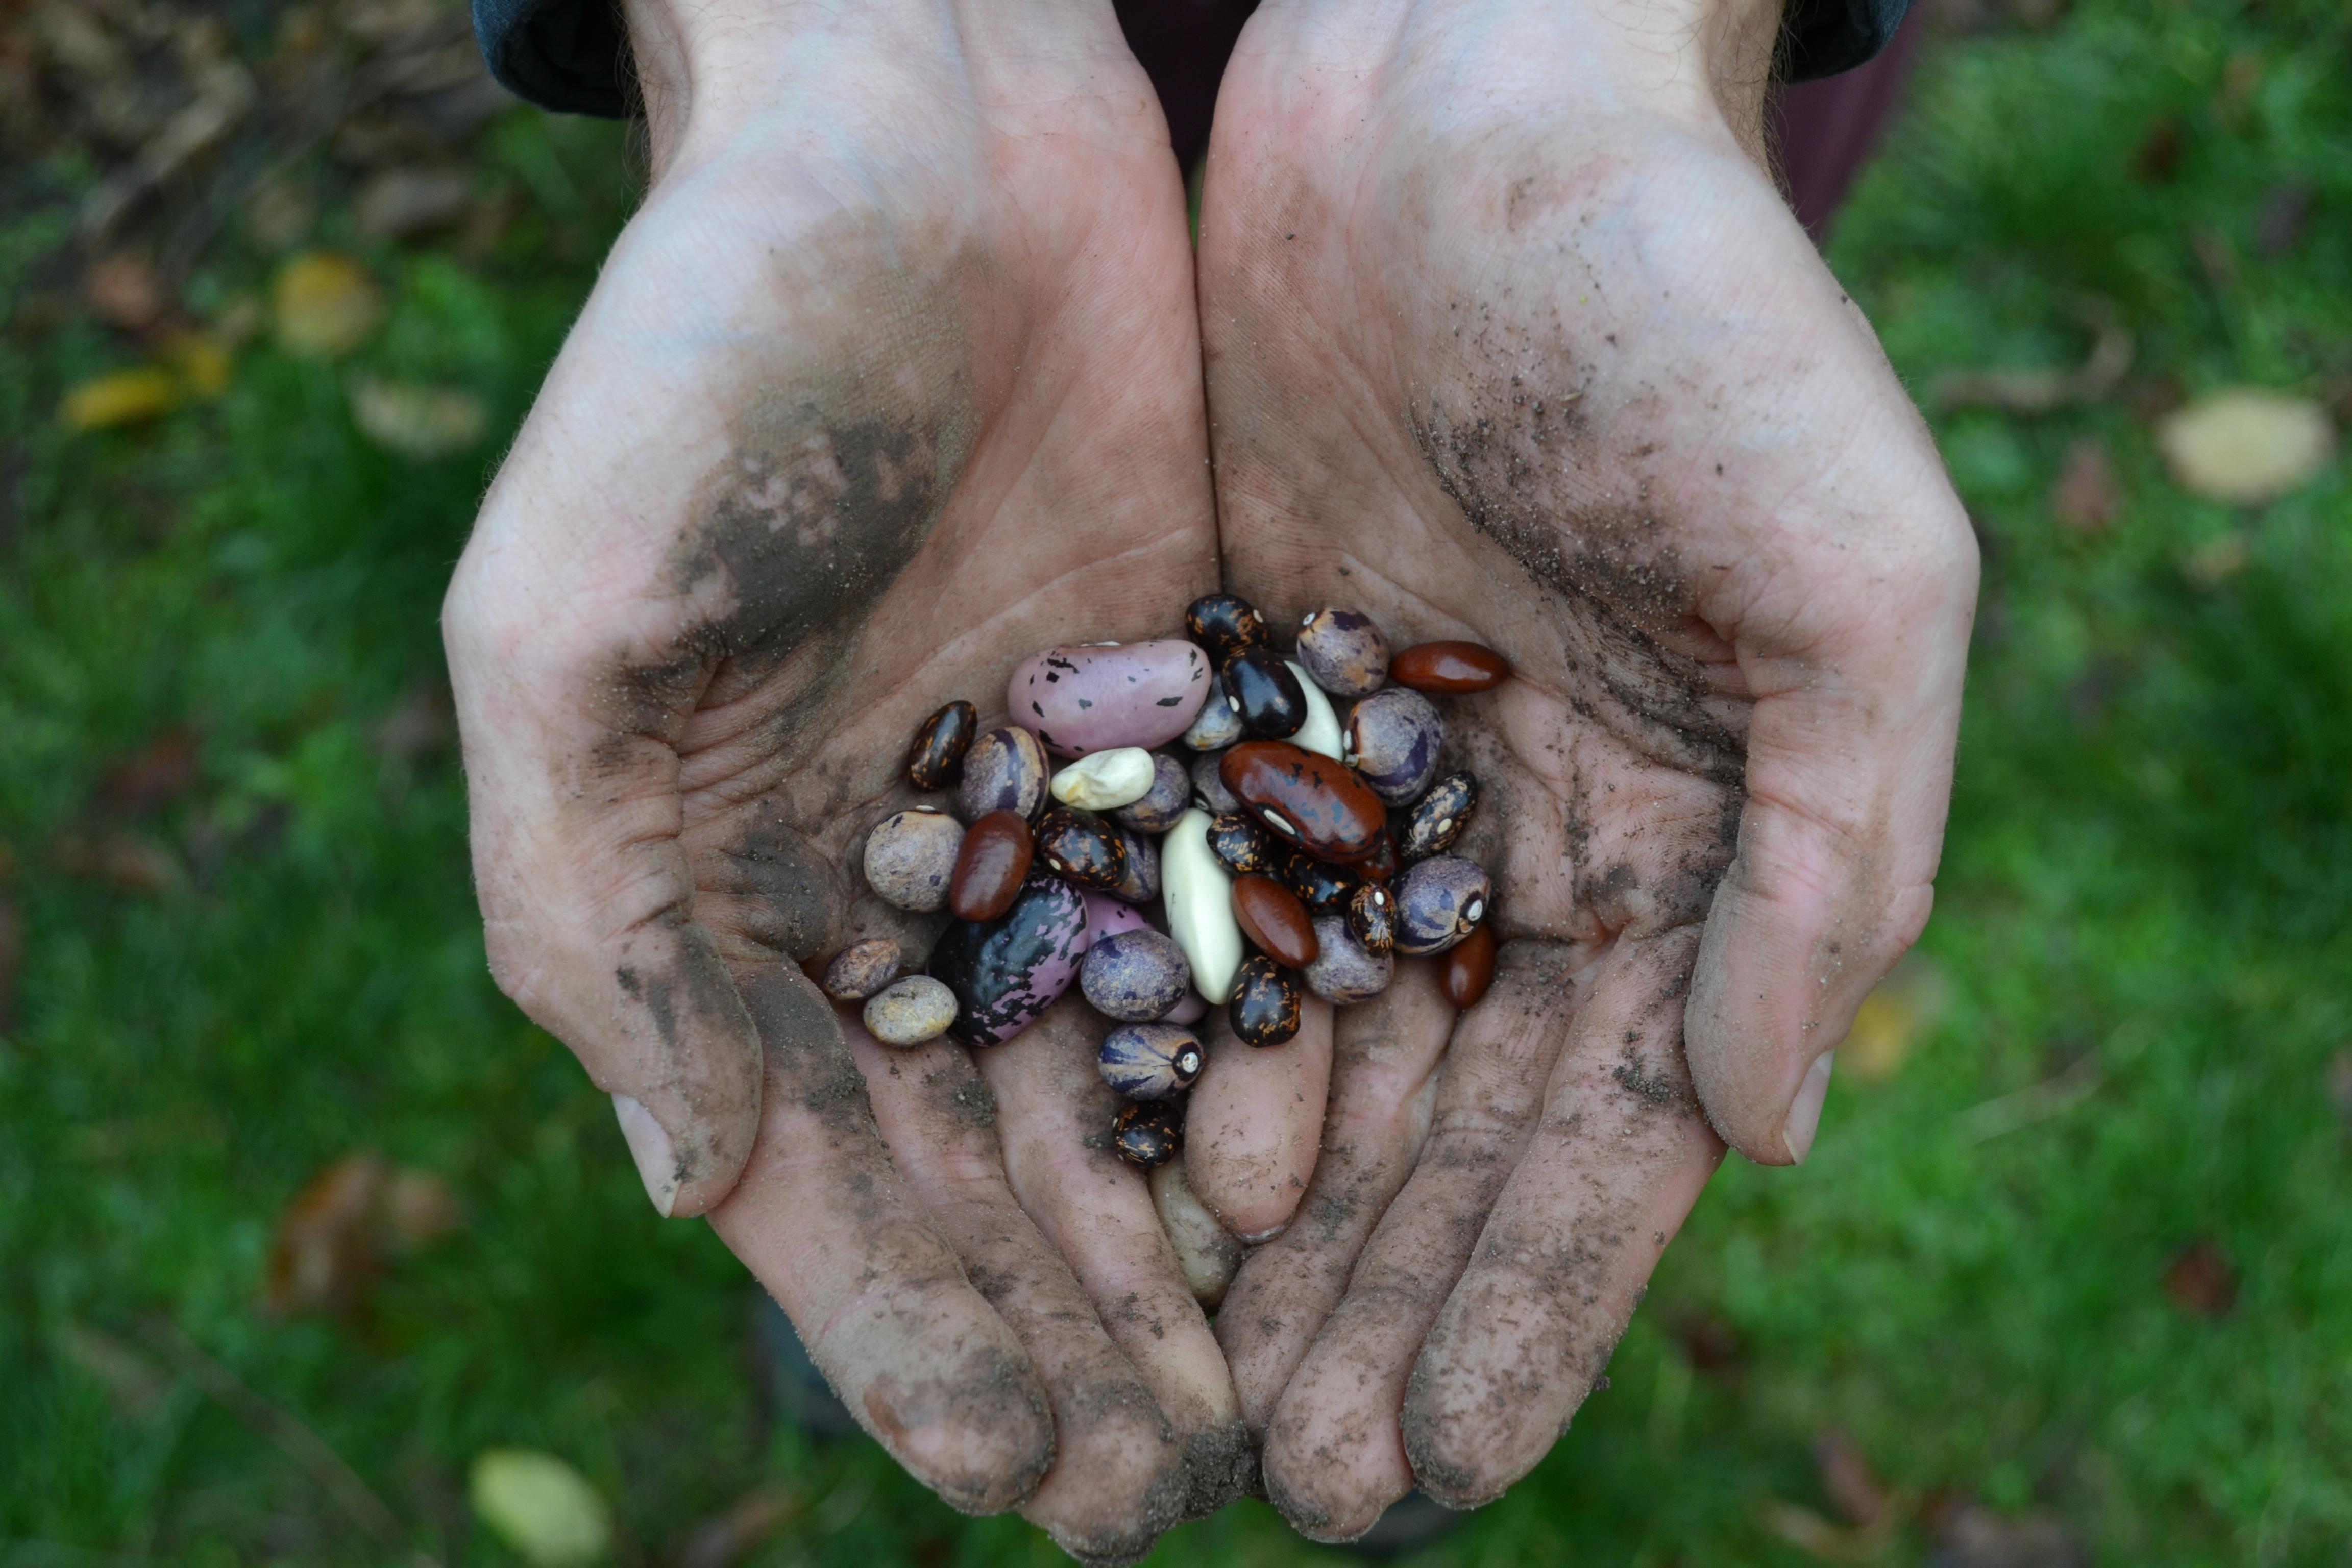 Das Ergebnis eines Jahrtausende-währenden Selektionsprozesses: unser Saatgut.